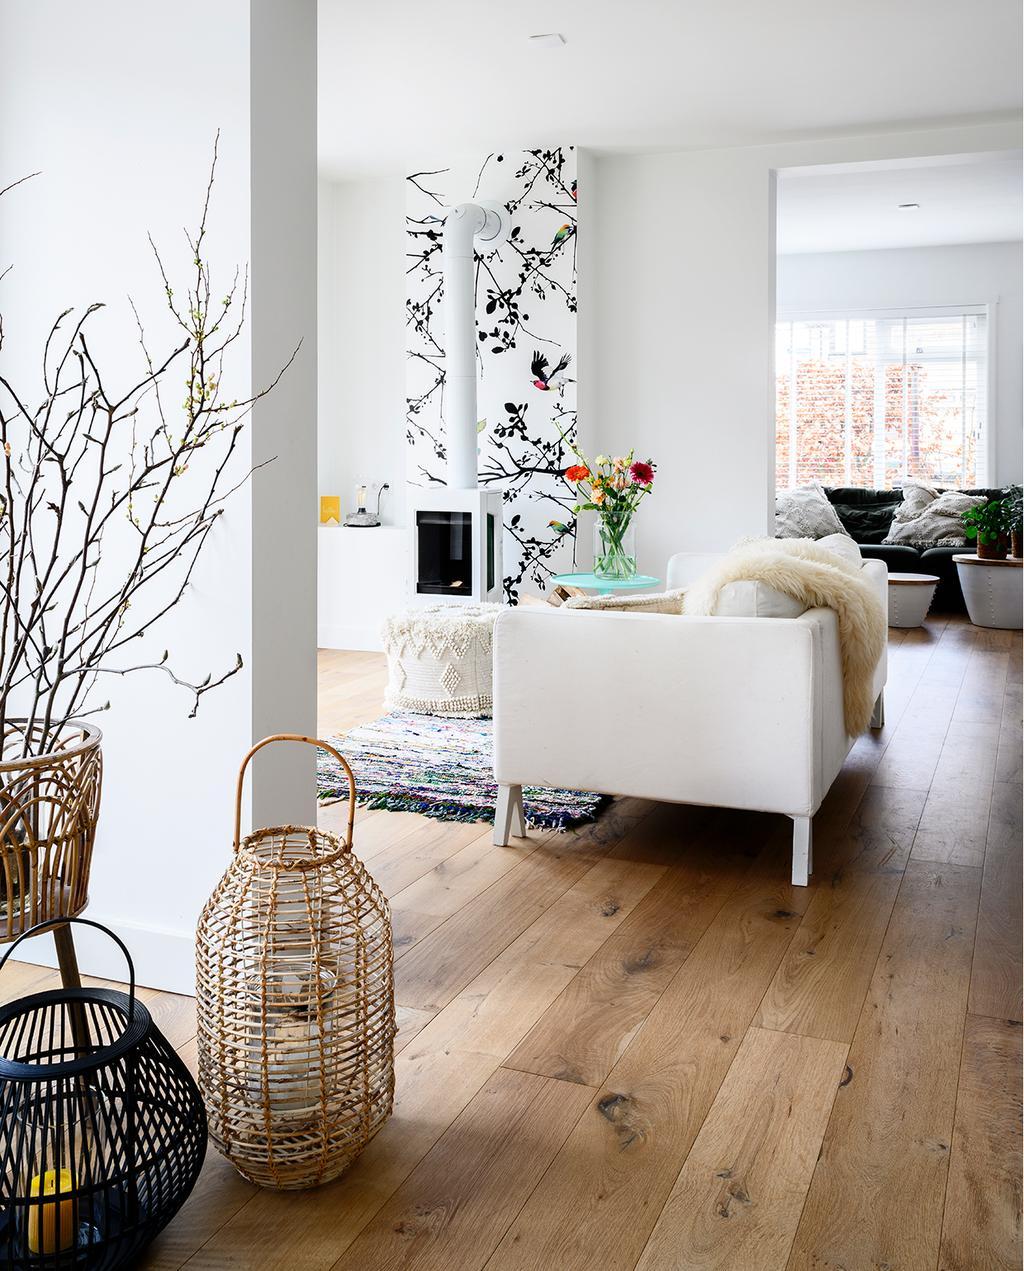 vtwonen 05-2020 | riant familiehuis Breda woonkamer met witte bank